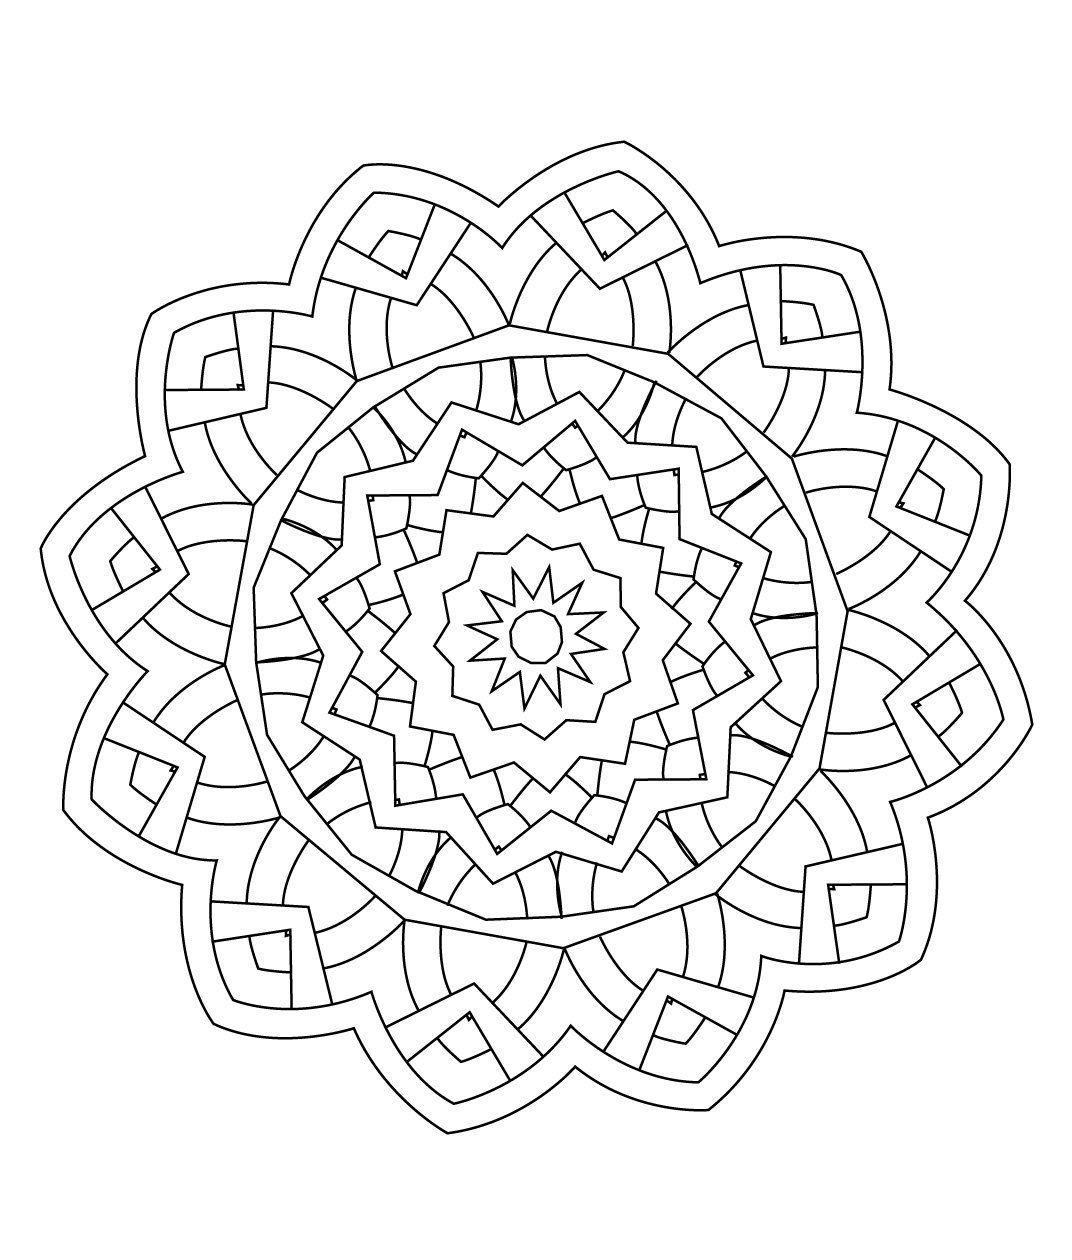 Stci coloriage pour adultes et enfants mandalas mandalas pinterest mandalas adult - Dessin mandela ...